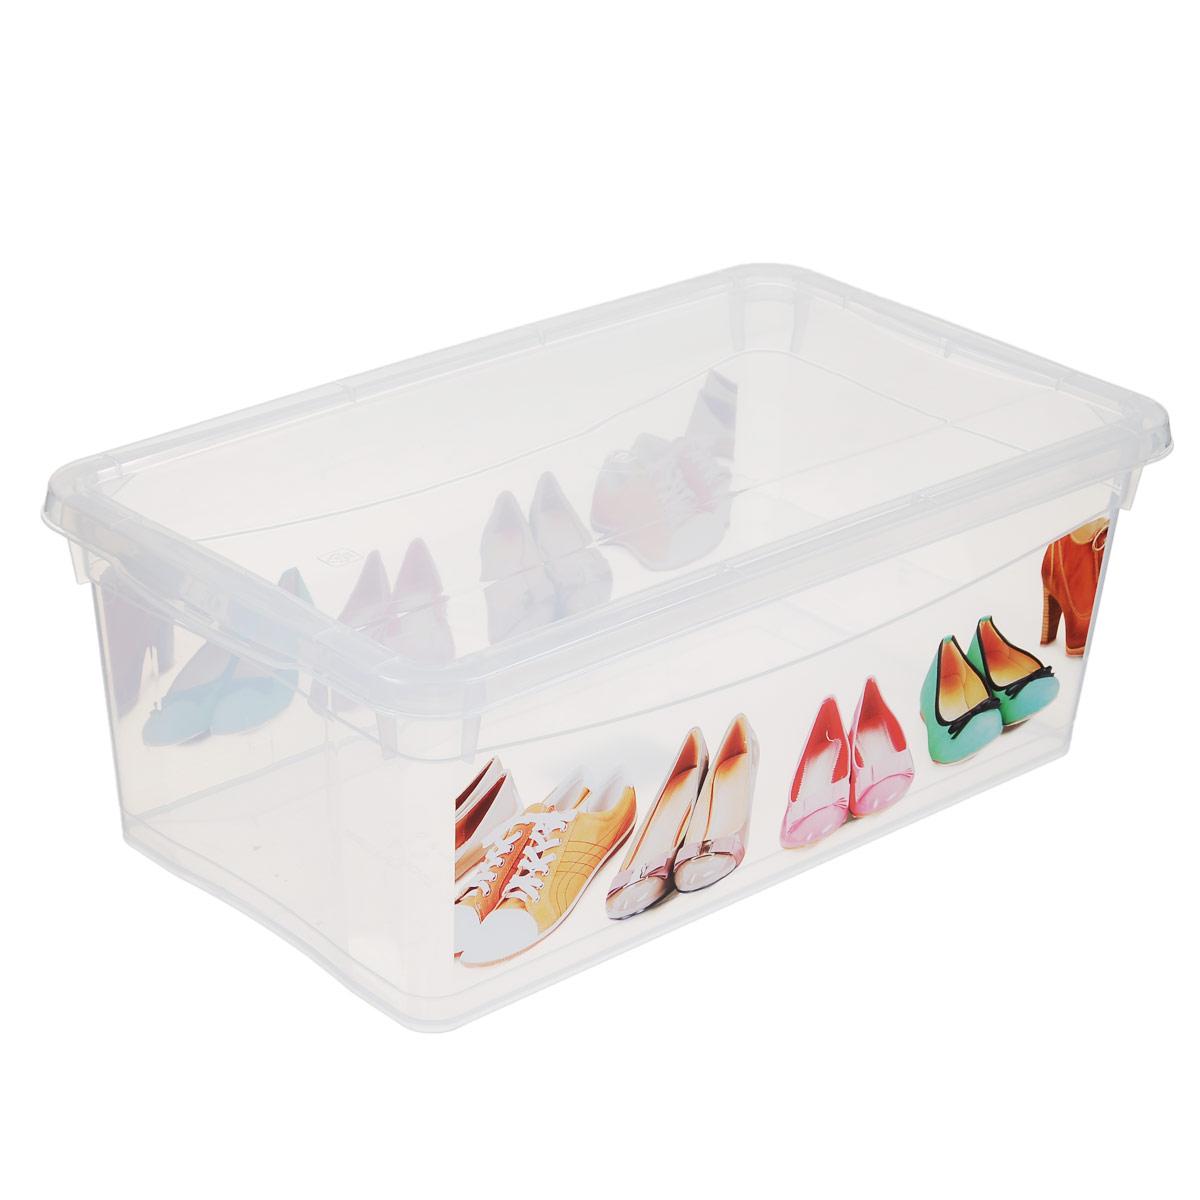 Ящик для обуви Econova Обувь, 33 см х 19 см х 12 см25051 7_зеленыйЯщик Econova Обувь выполнен из высококачественного прозрачного полипропилена и предназначен для хранения обуви. Ящик декорирован ярким рисунком и оснащен удобной крышкой.Очень функциональный и вместительный, такой ящик будет очень полезен для хранения вещей, а также защитит их от пыли и грязи.